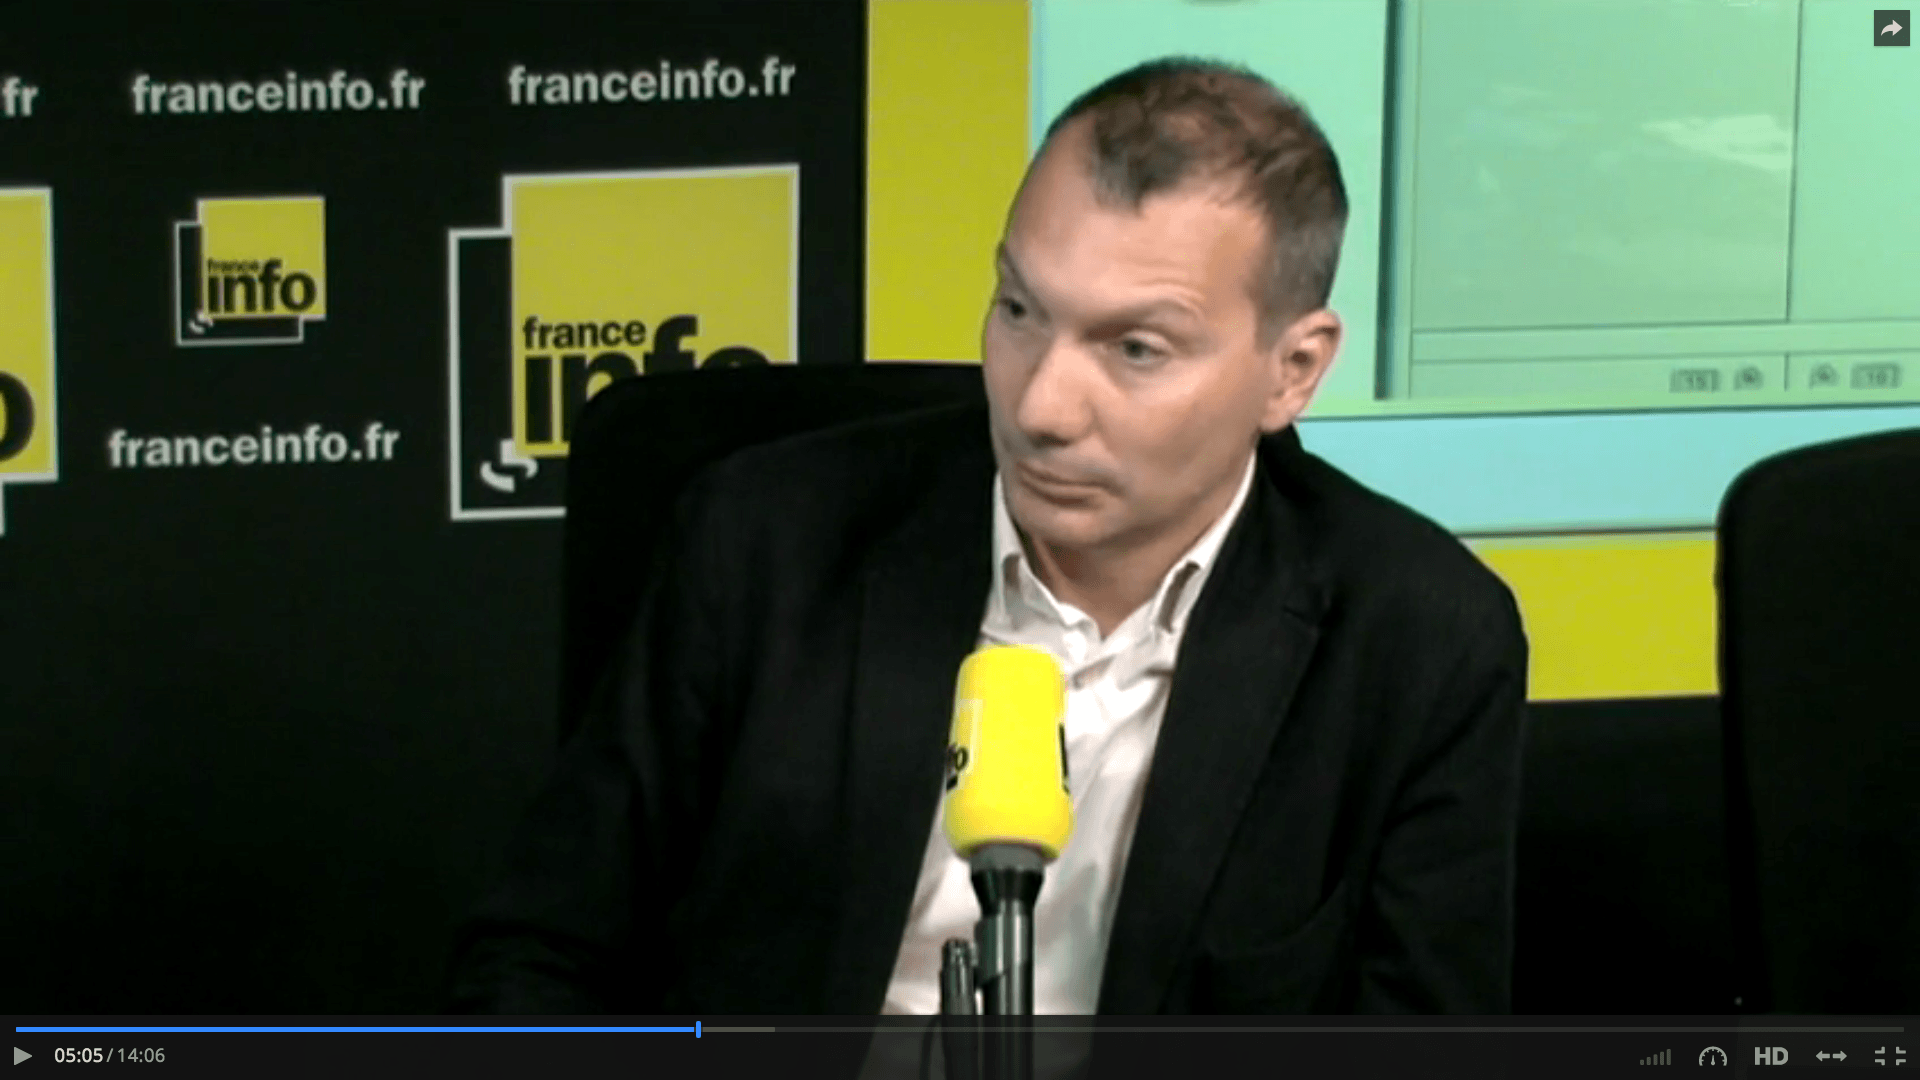 «Le gouvernement plante les graines de ces violences», David Cormand, France Info